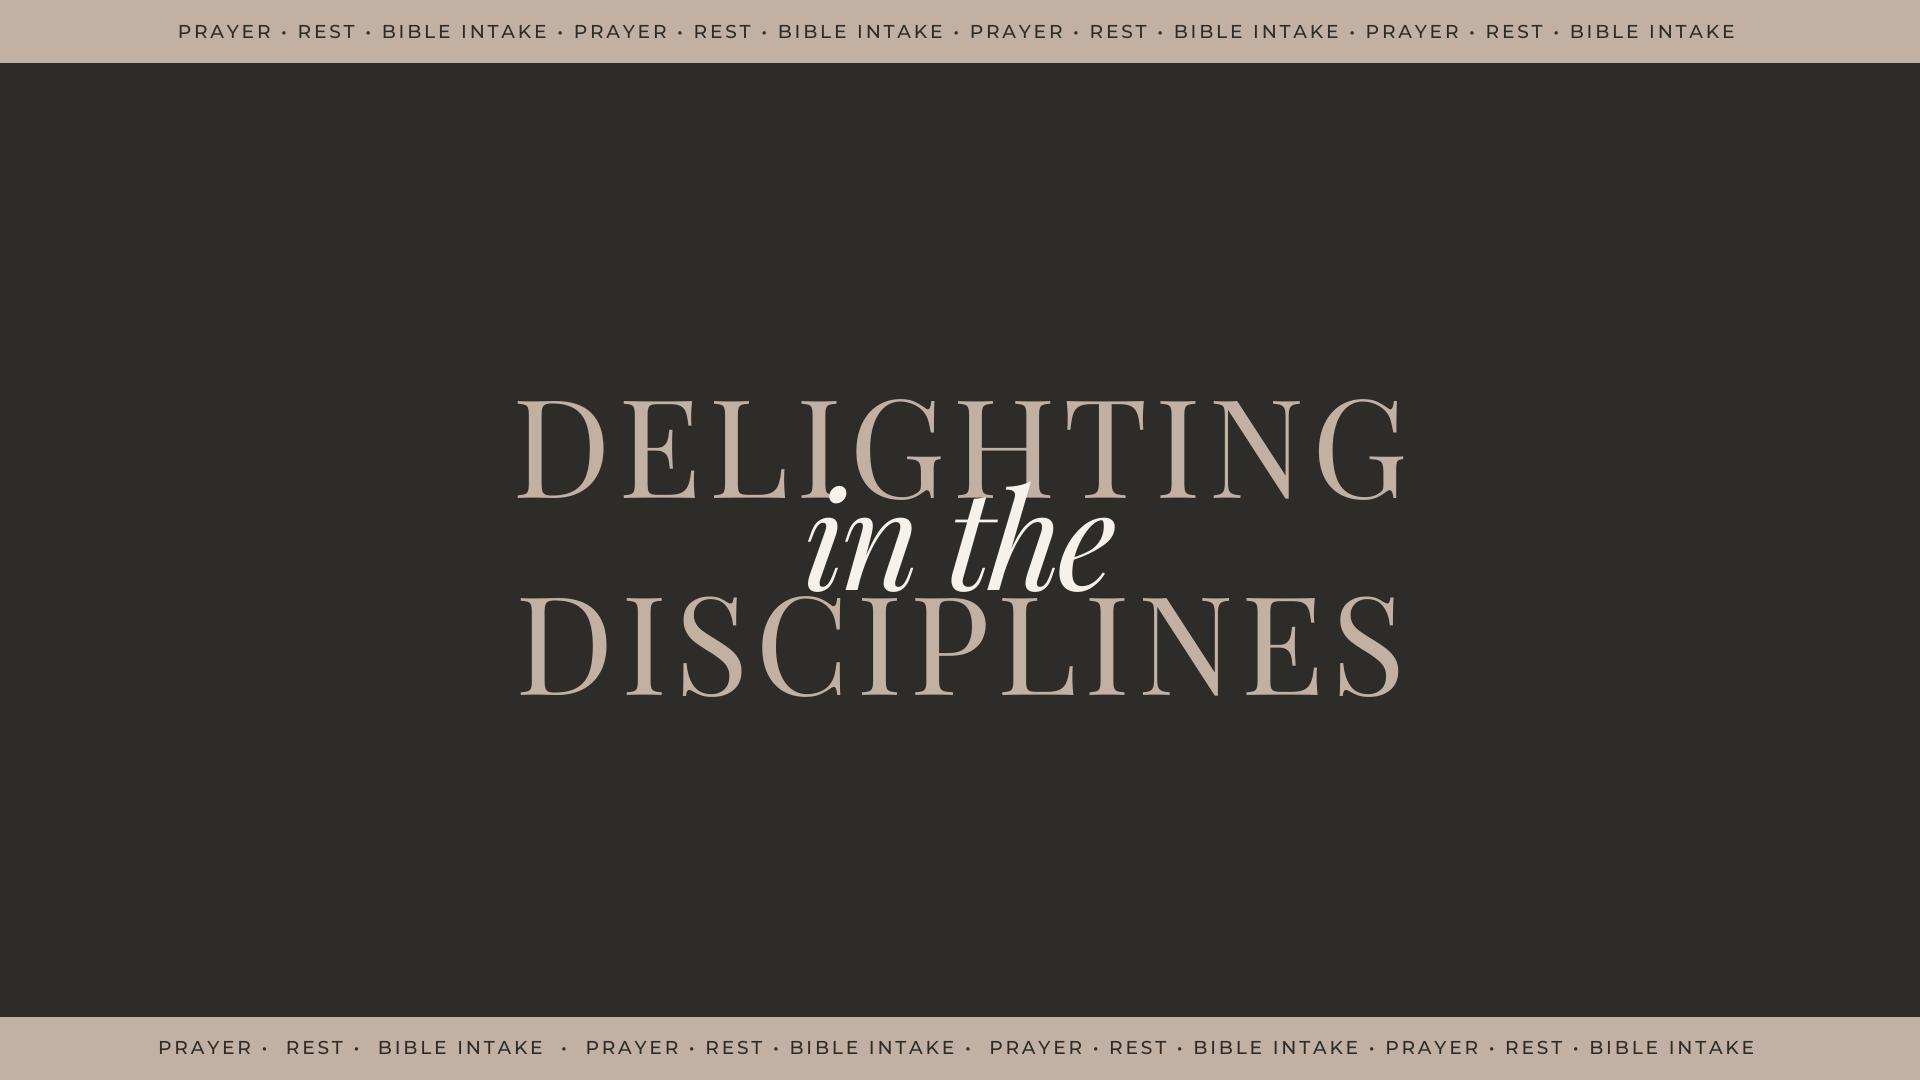 Delighting in the Disciplines - Bible Intake